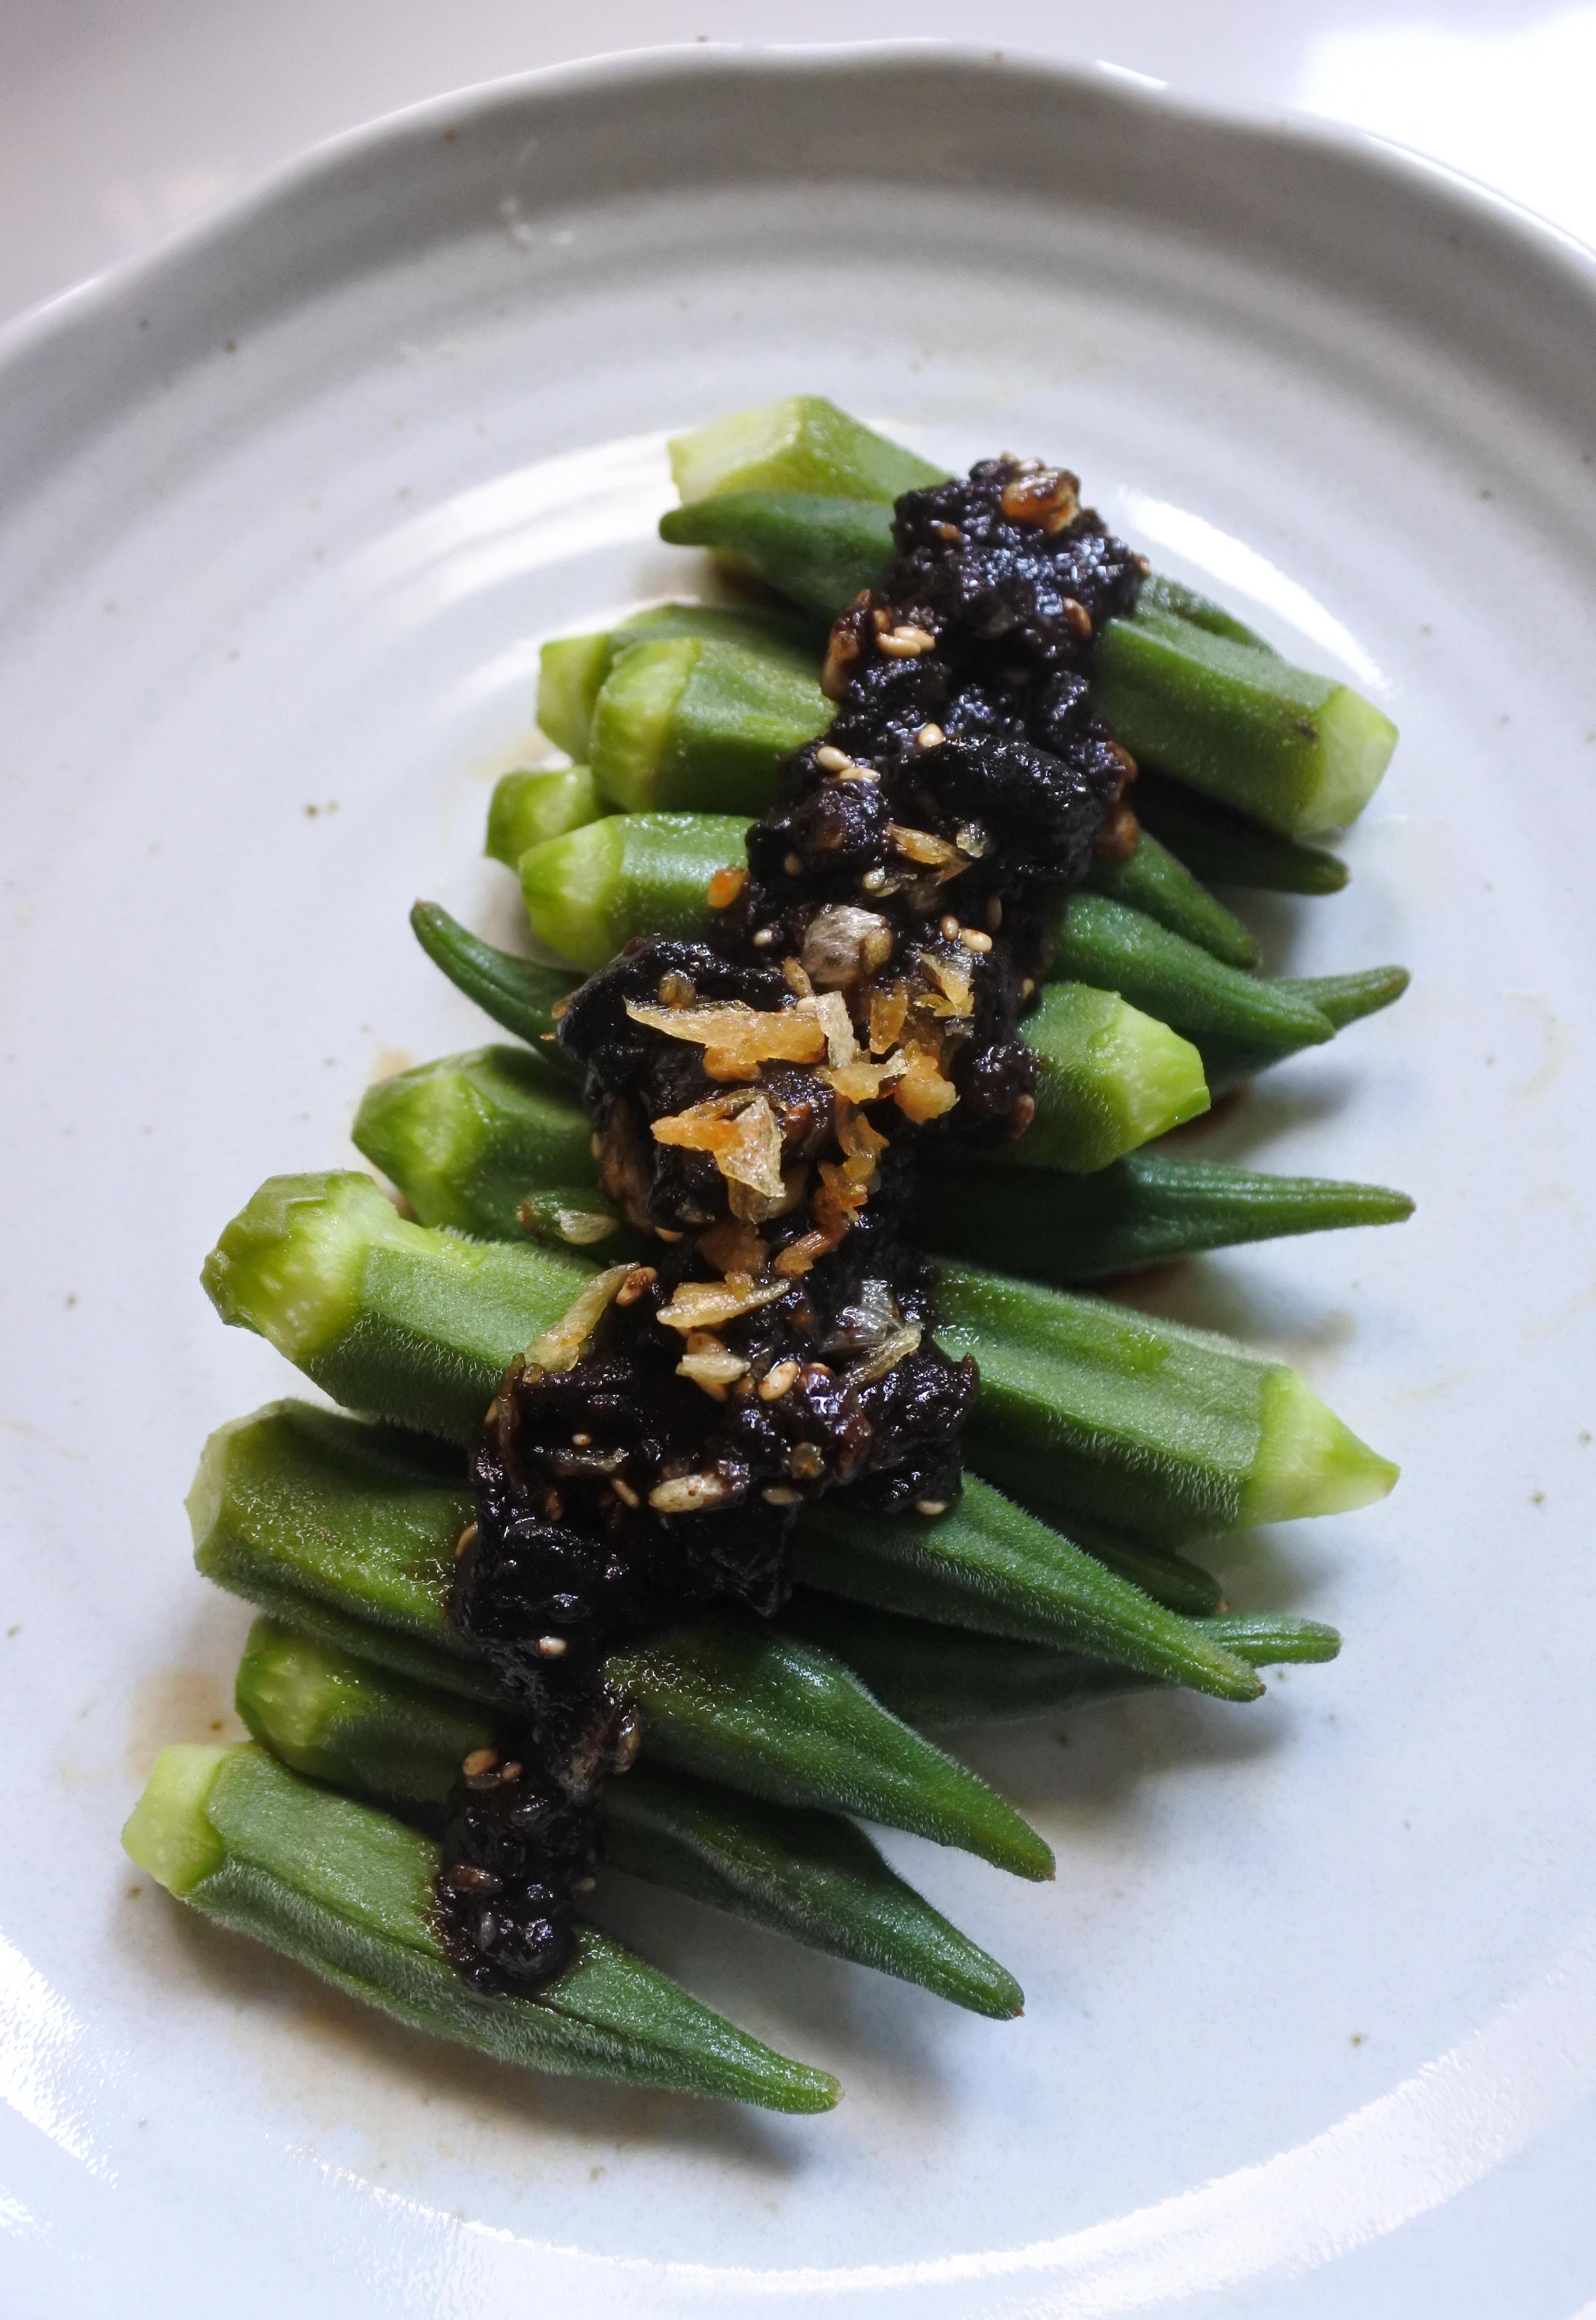 『簡易』 黑蒜醬秋葵